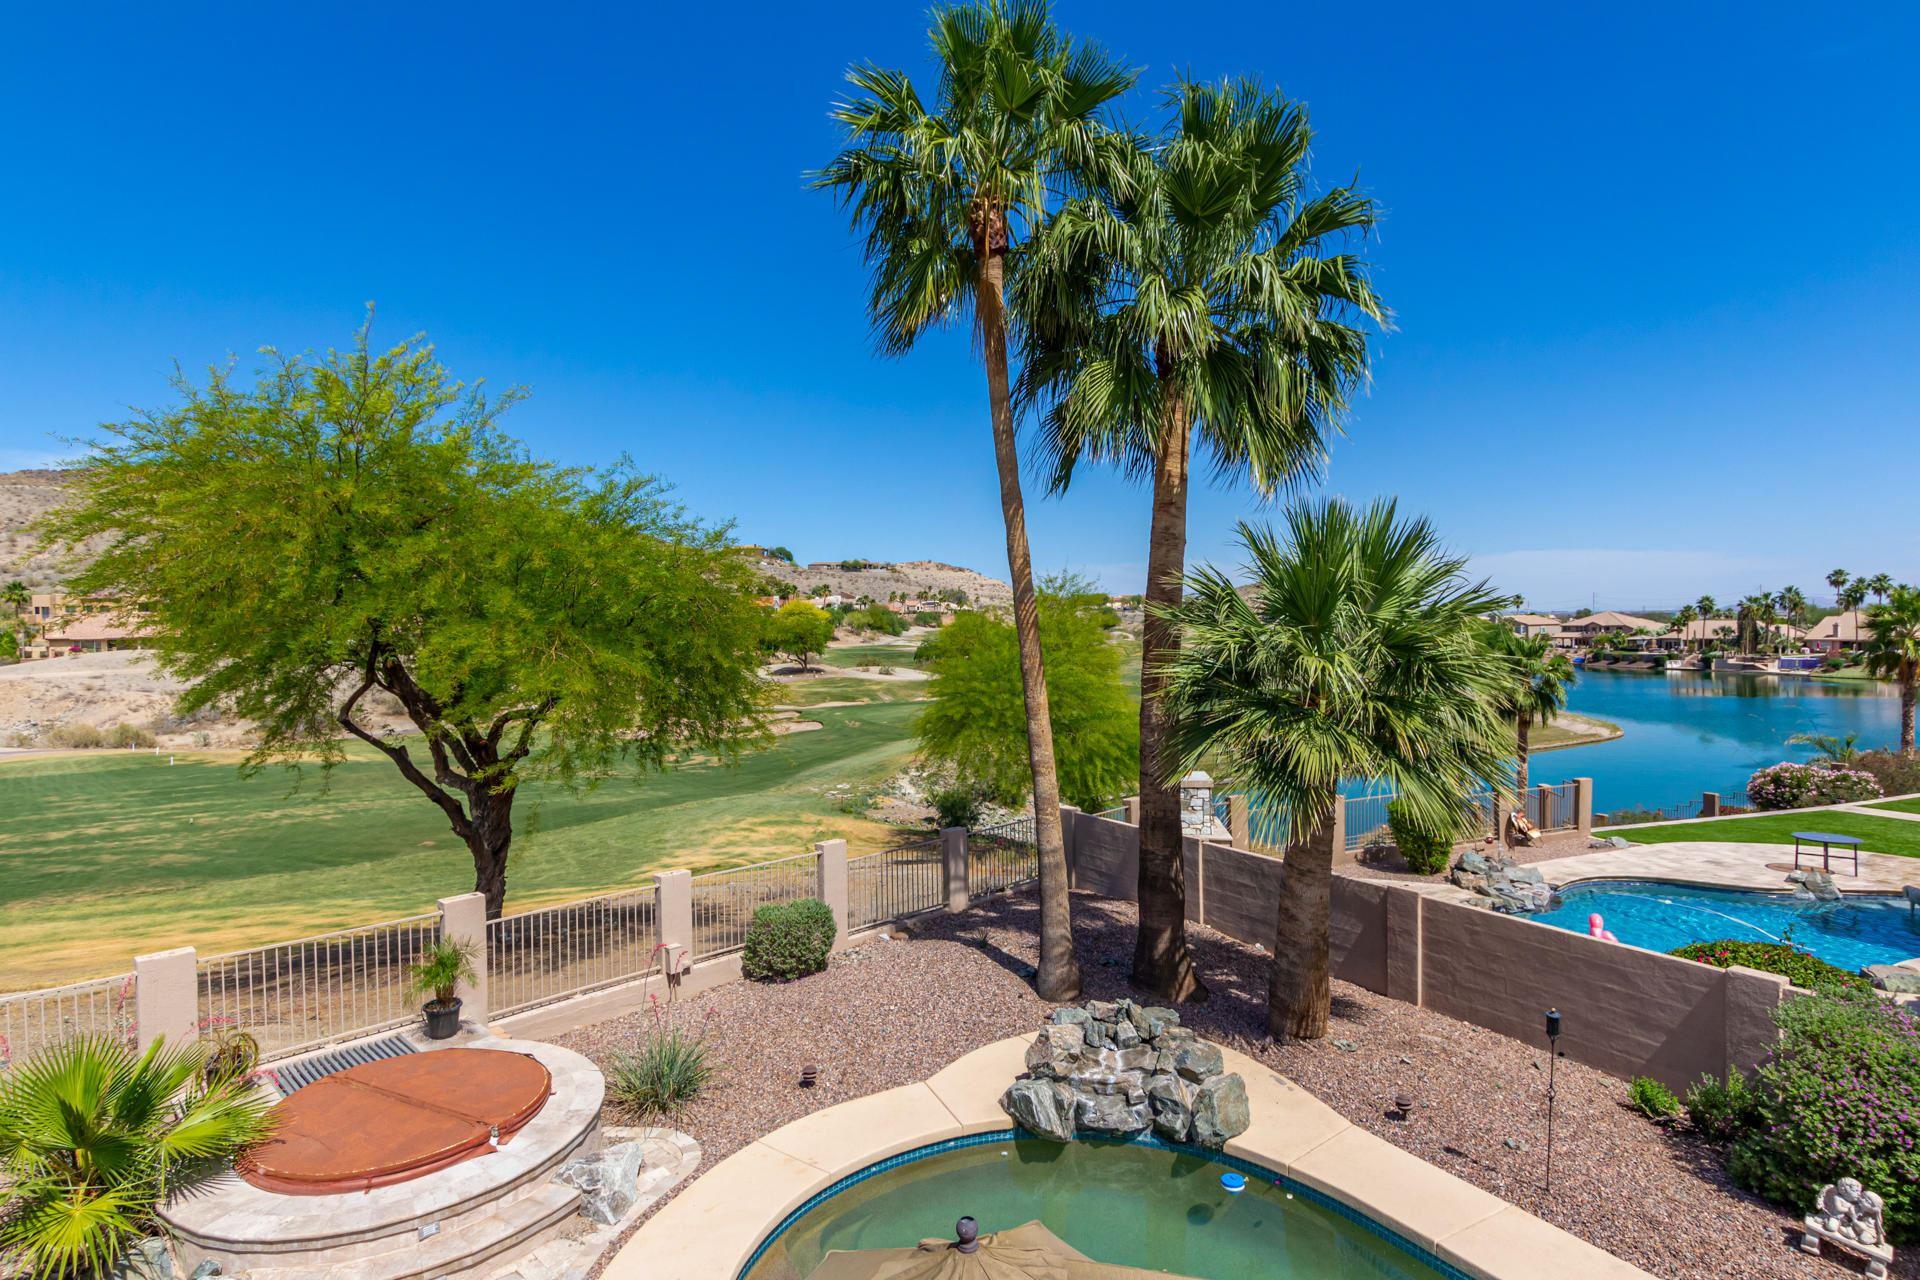 16065 S 18TH Place, Phoenix, AZ 85048 - #: 6230161